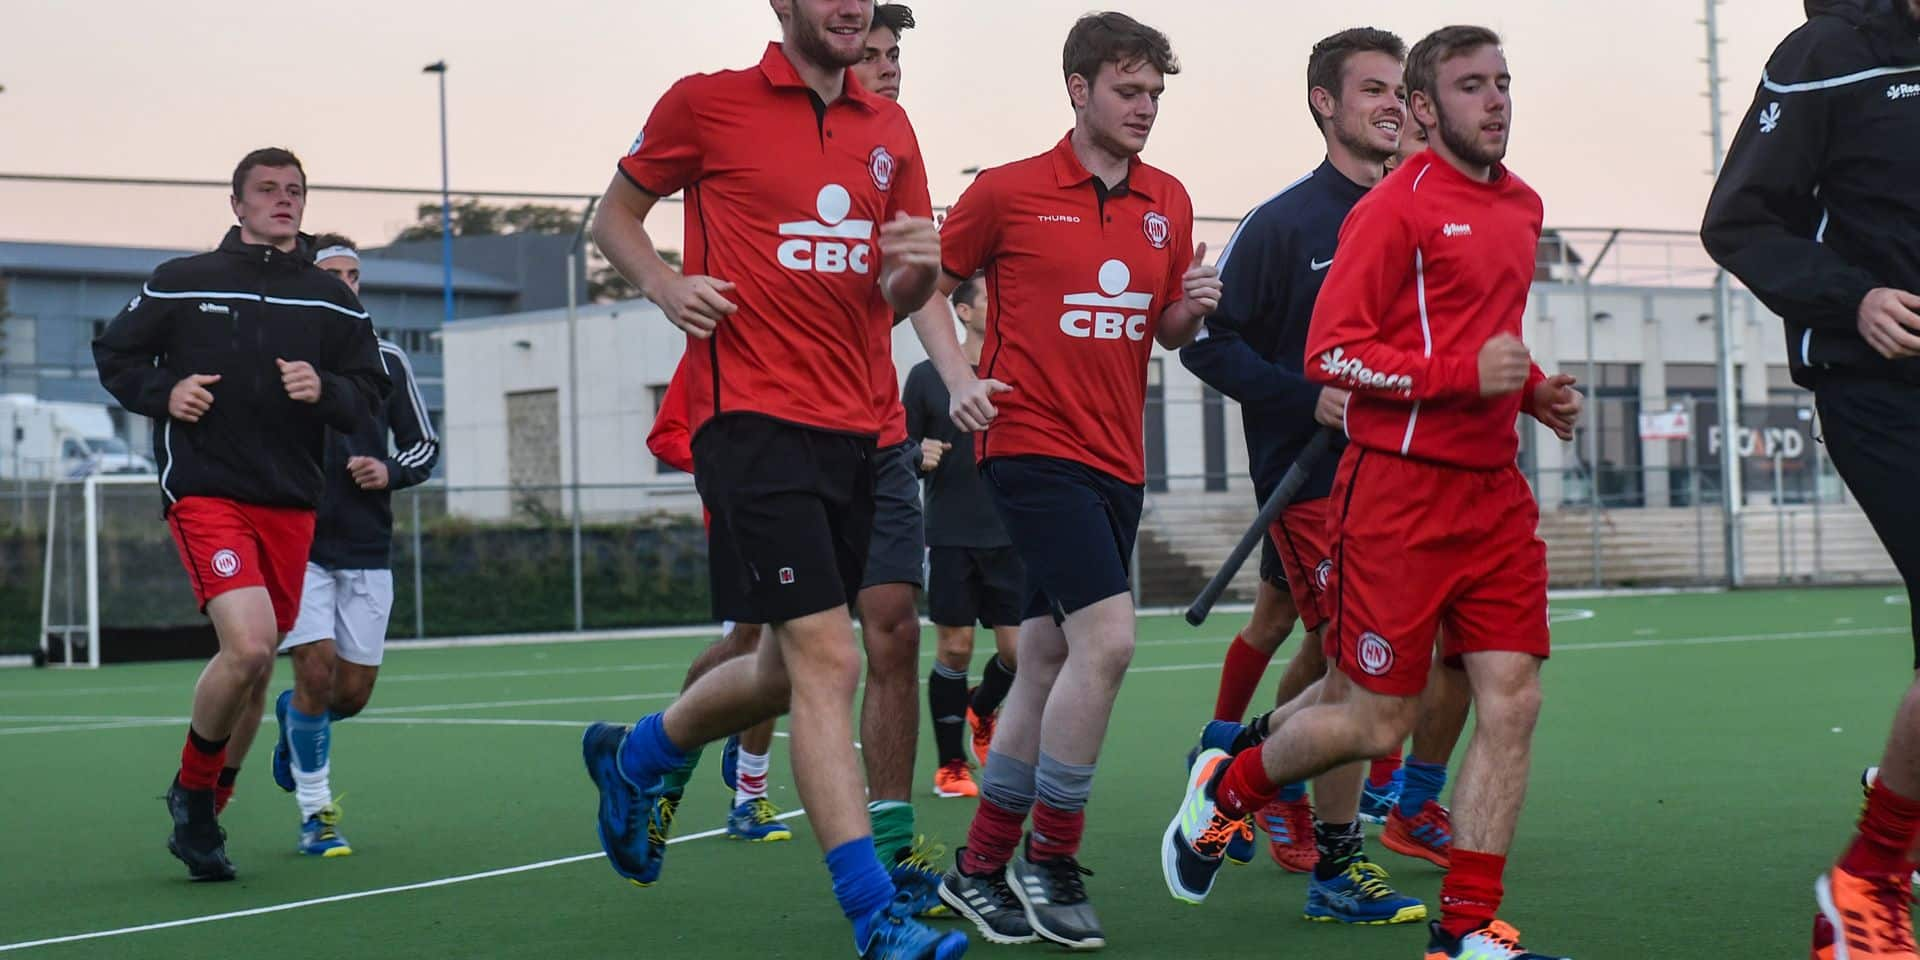 C'est la reprise en hockey DH: Namur et Liège, les petits poucets, veulent y croire